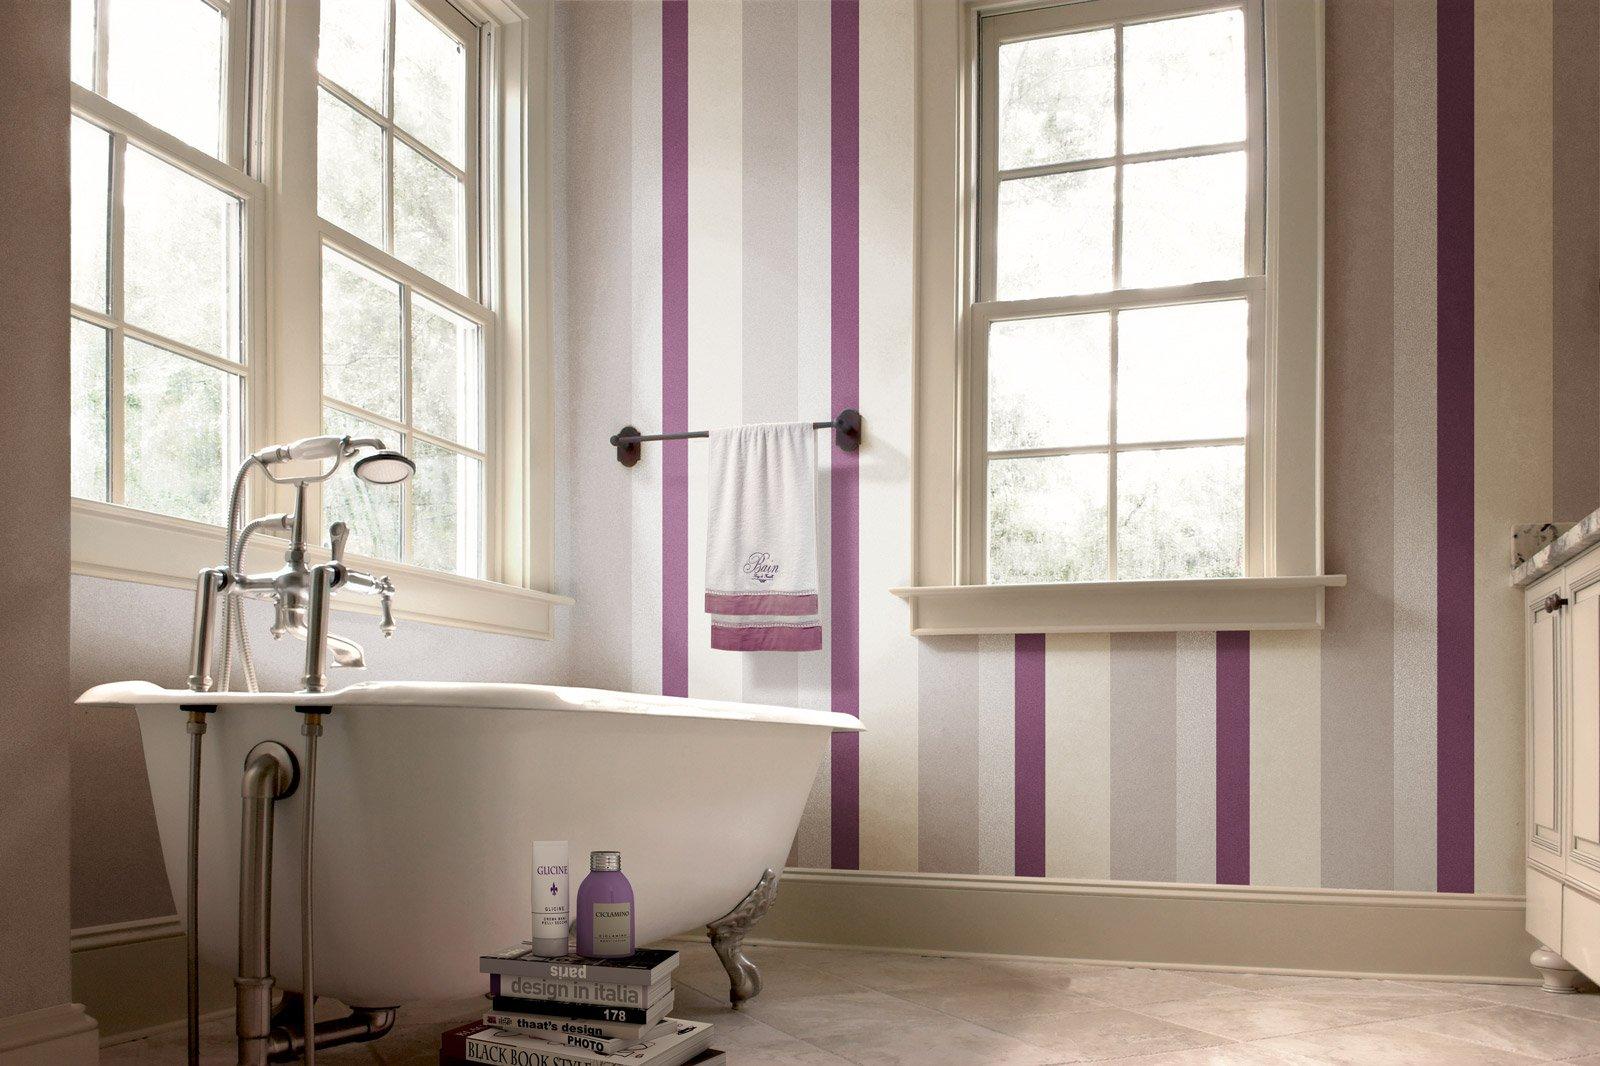 In bagno d cor a parete senza le piastrelle e contenendo - Colori piastrelle bagno ...